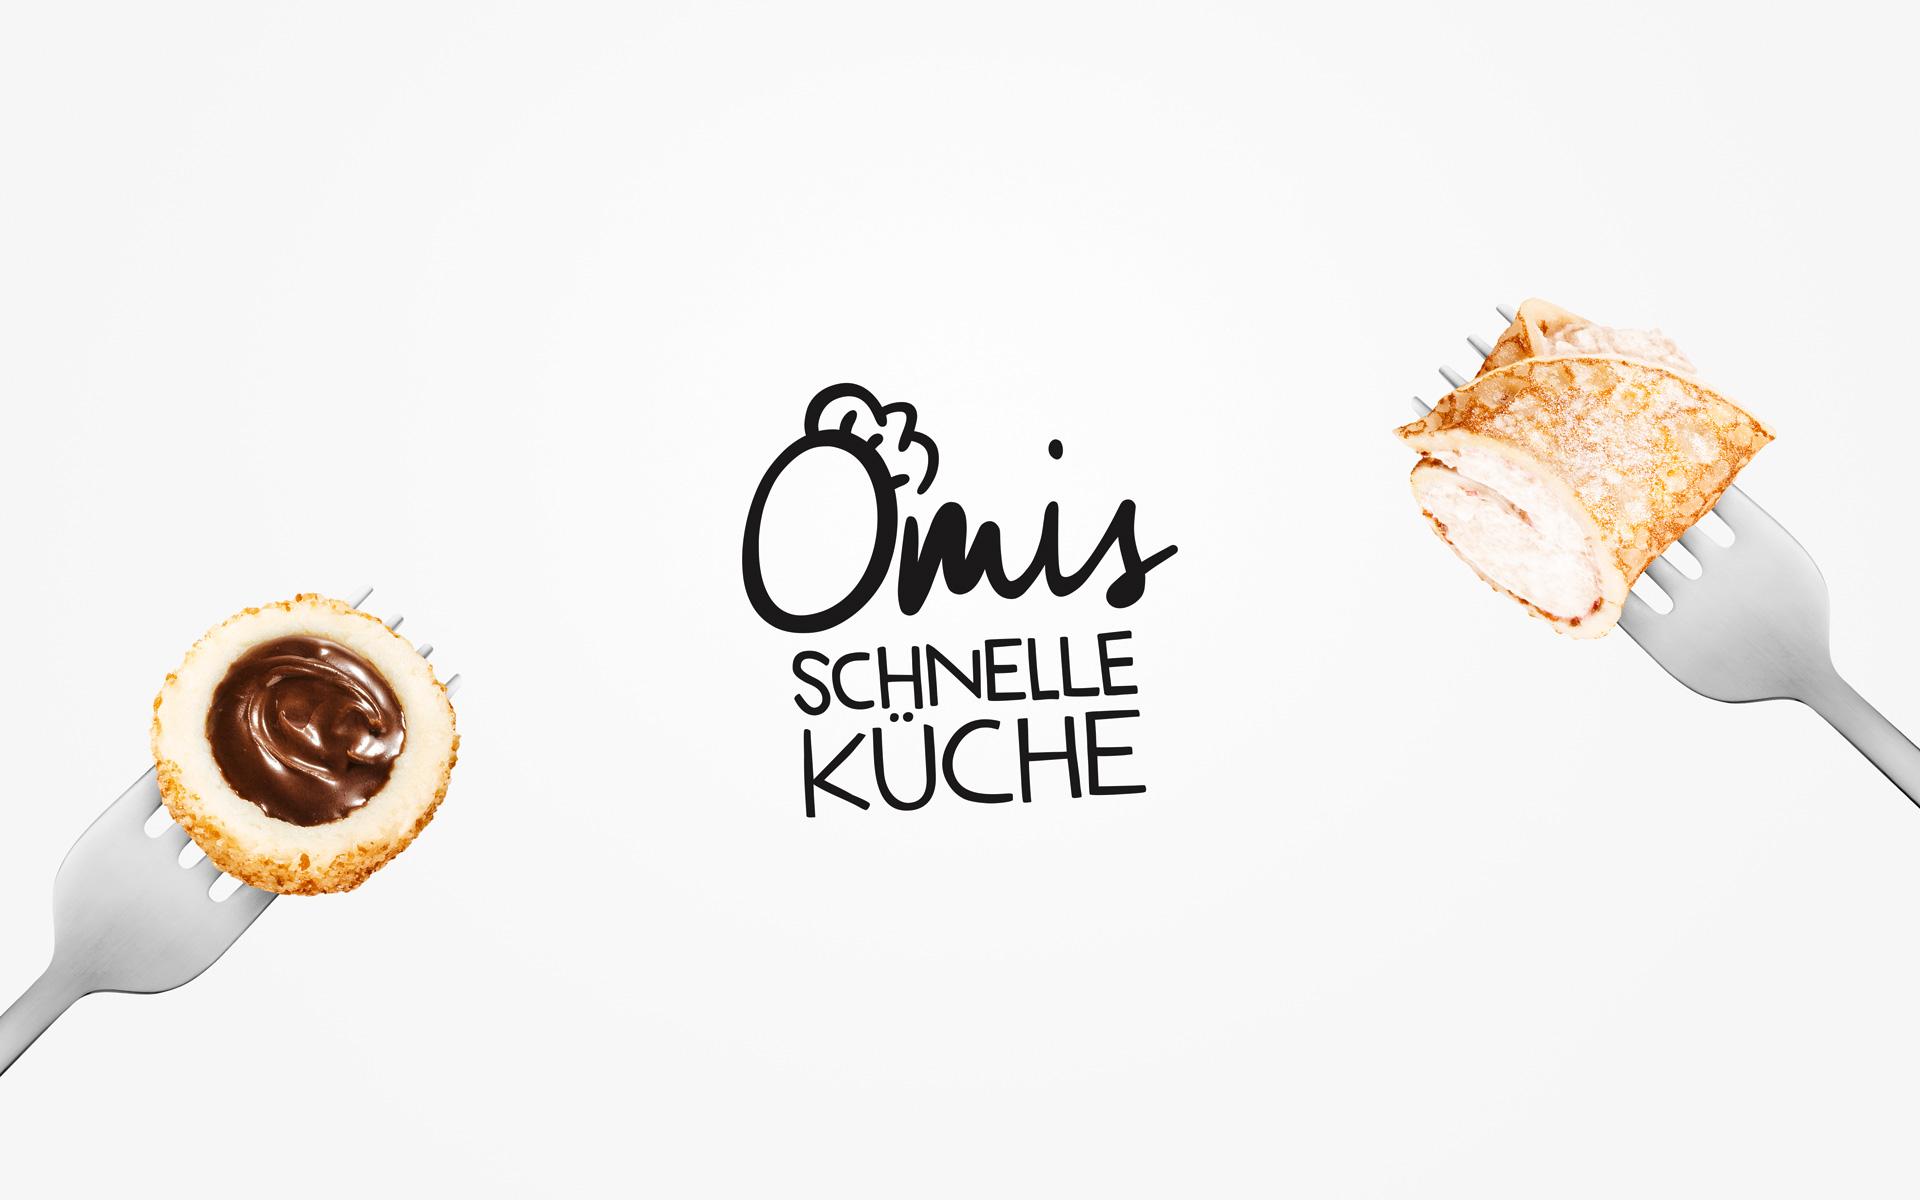 Ziemlich Farbtrends Küchenwand 2013 Ideen - Küchenschrank Ideen ...